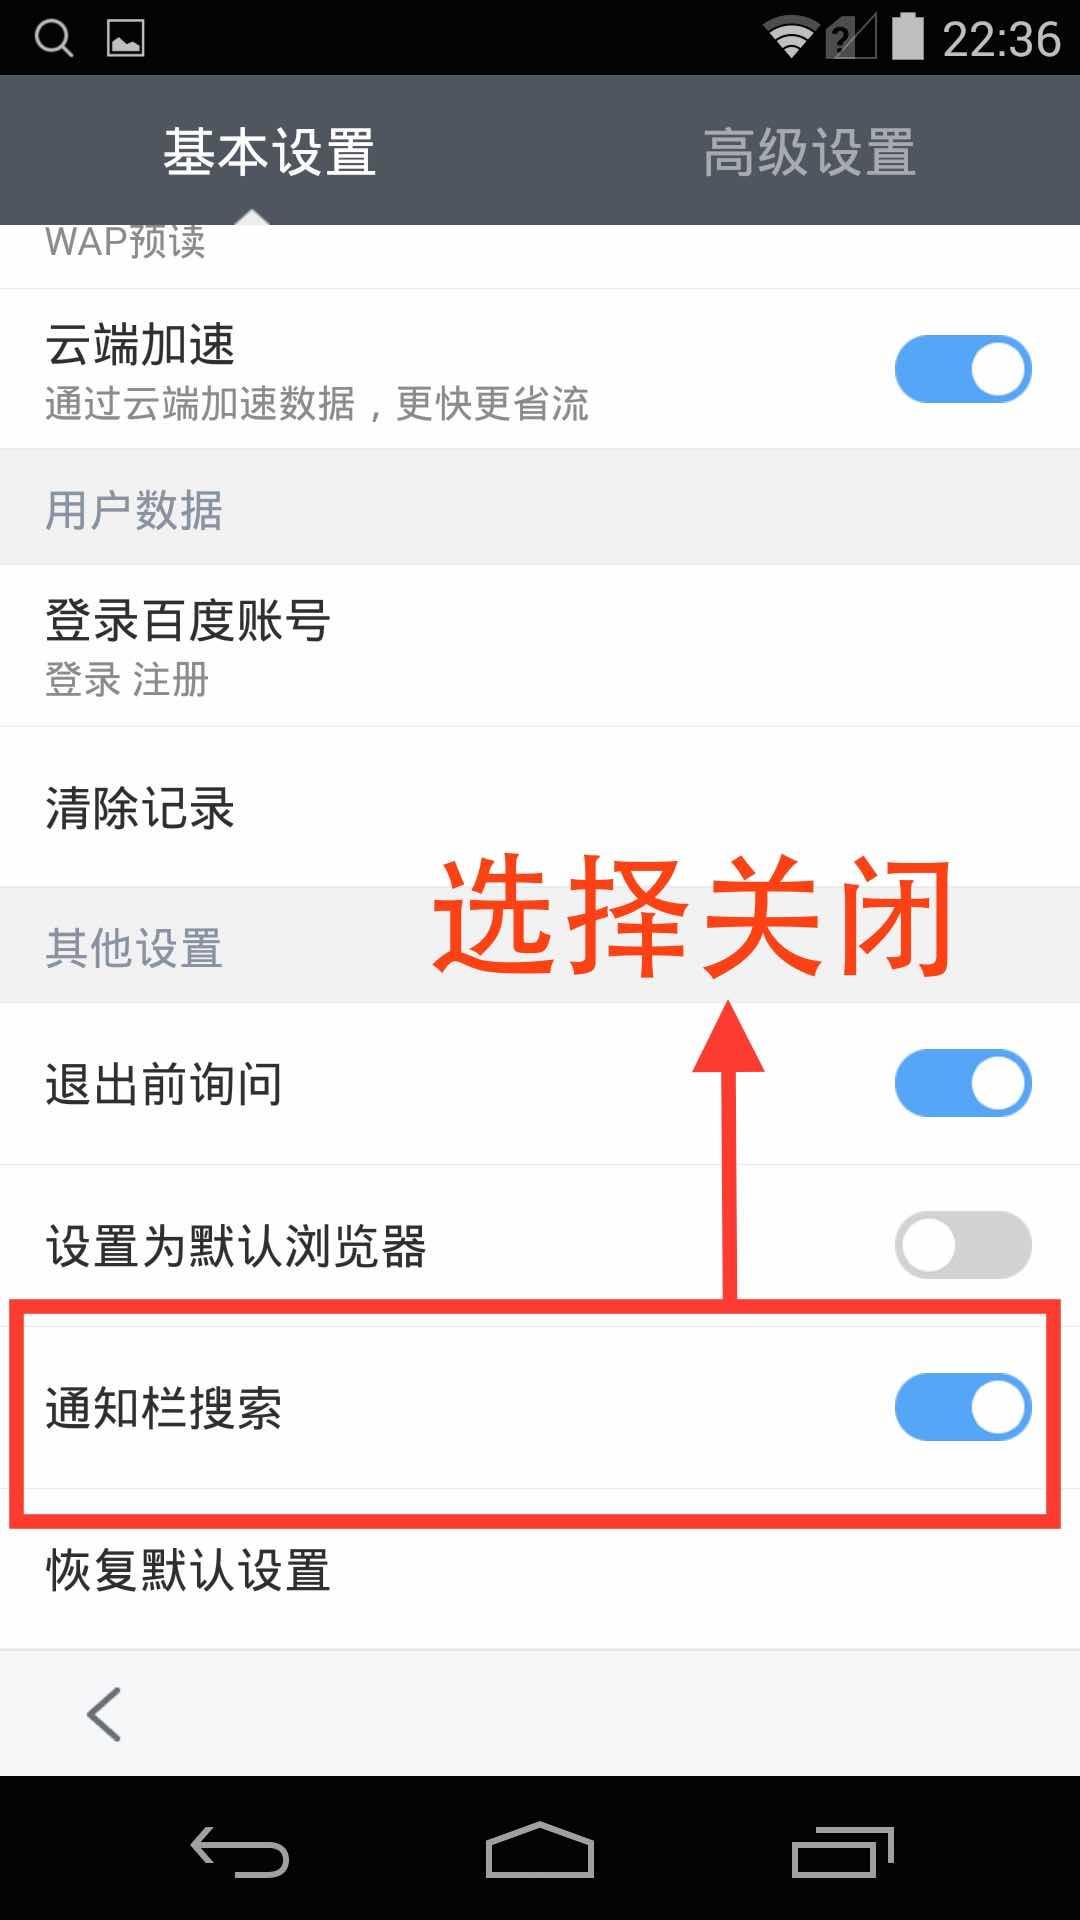 如何关闭手机通知栏中的百度搜索框图片